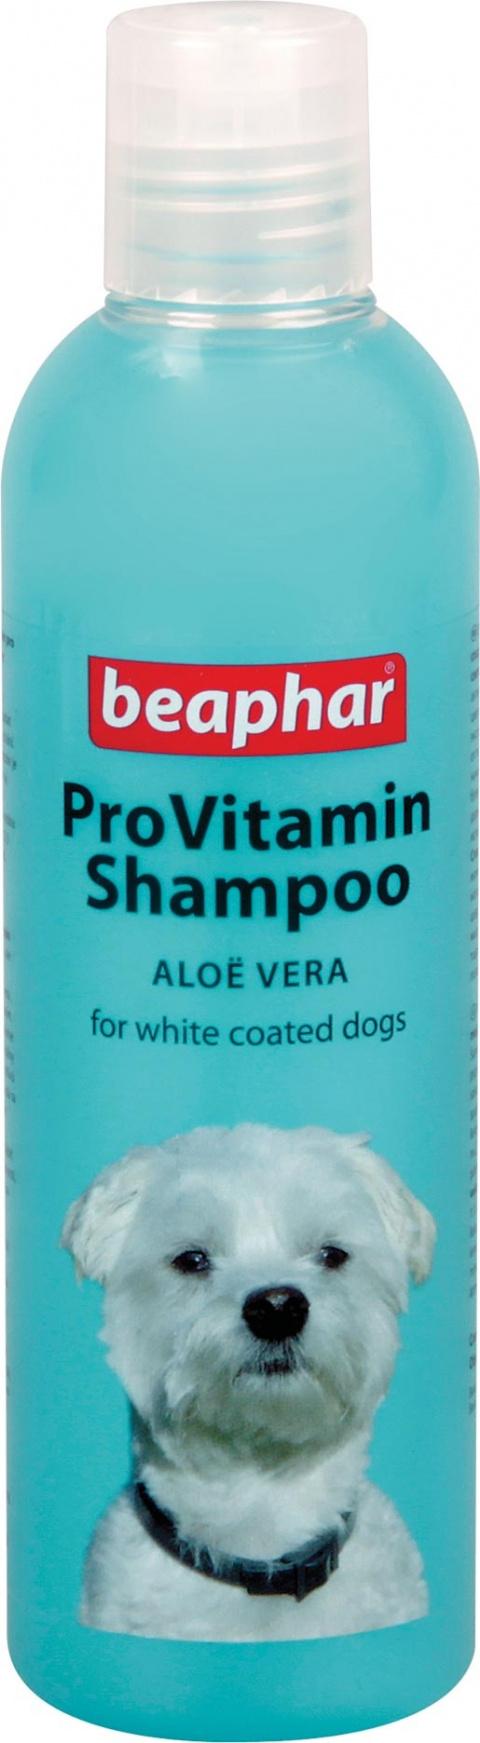 Шампунь для собак - Beaphar ProVitamin Shampoo white, 250 мл title=